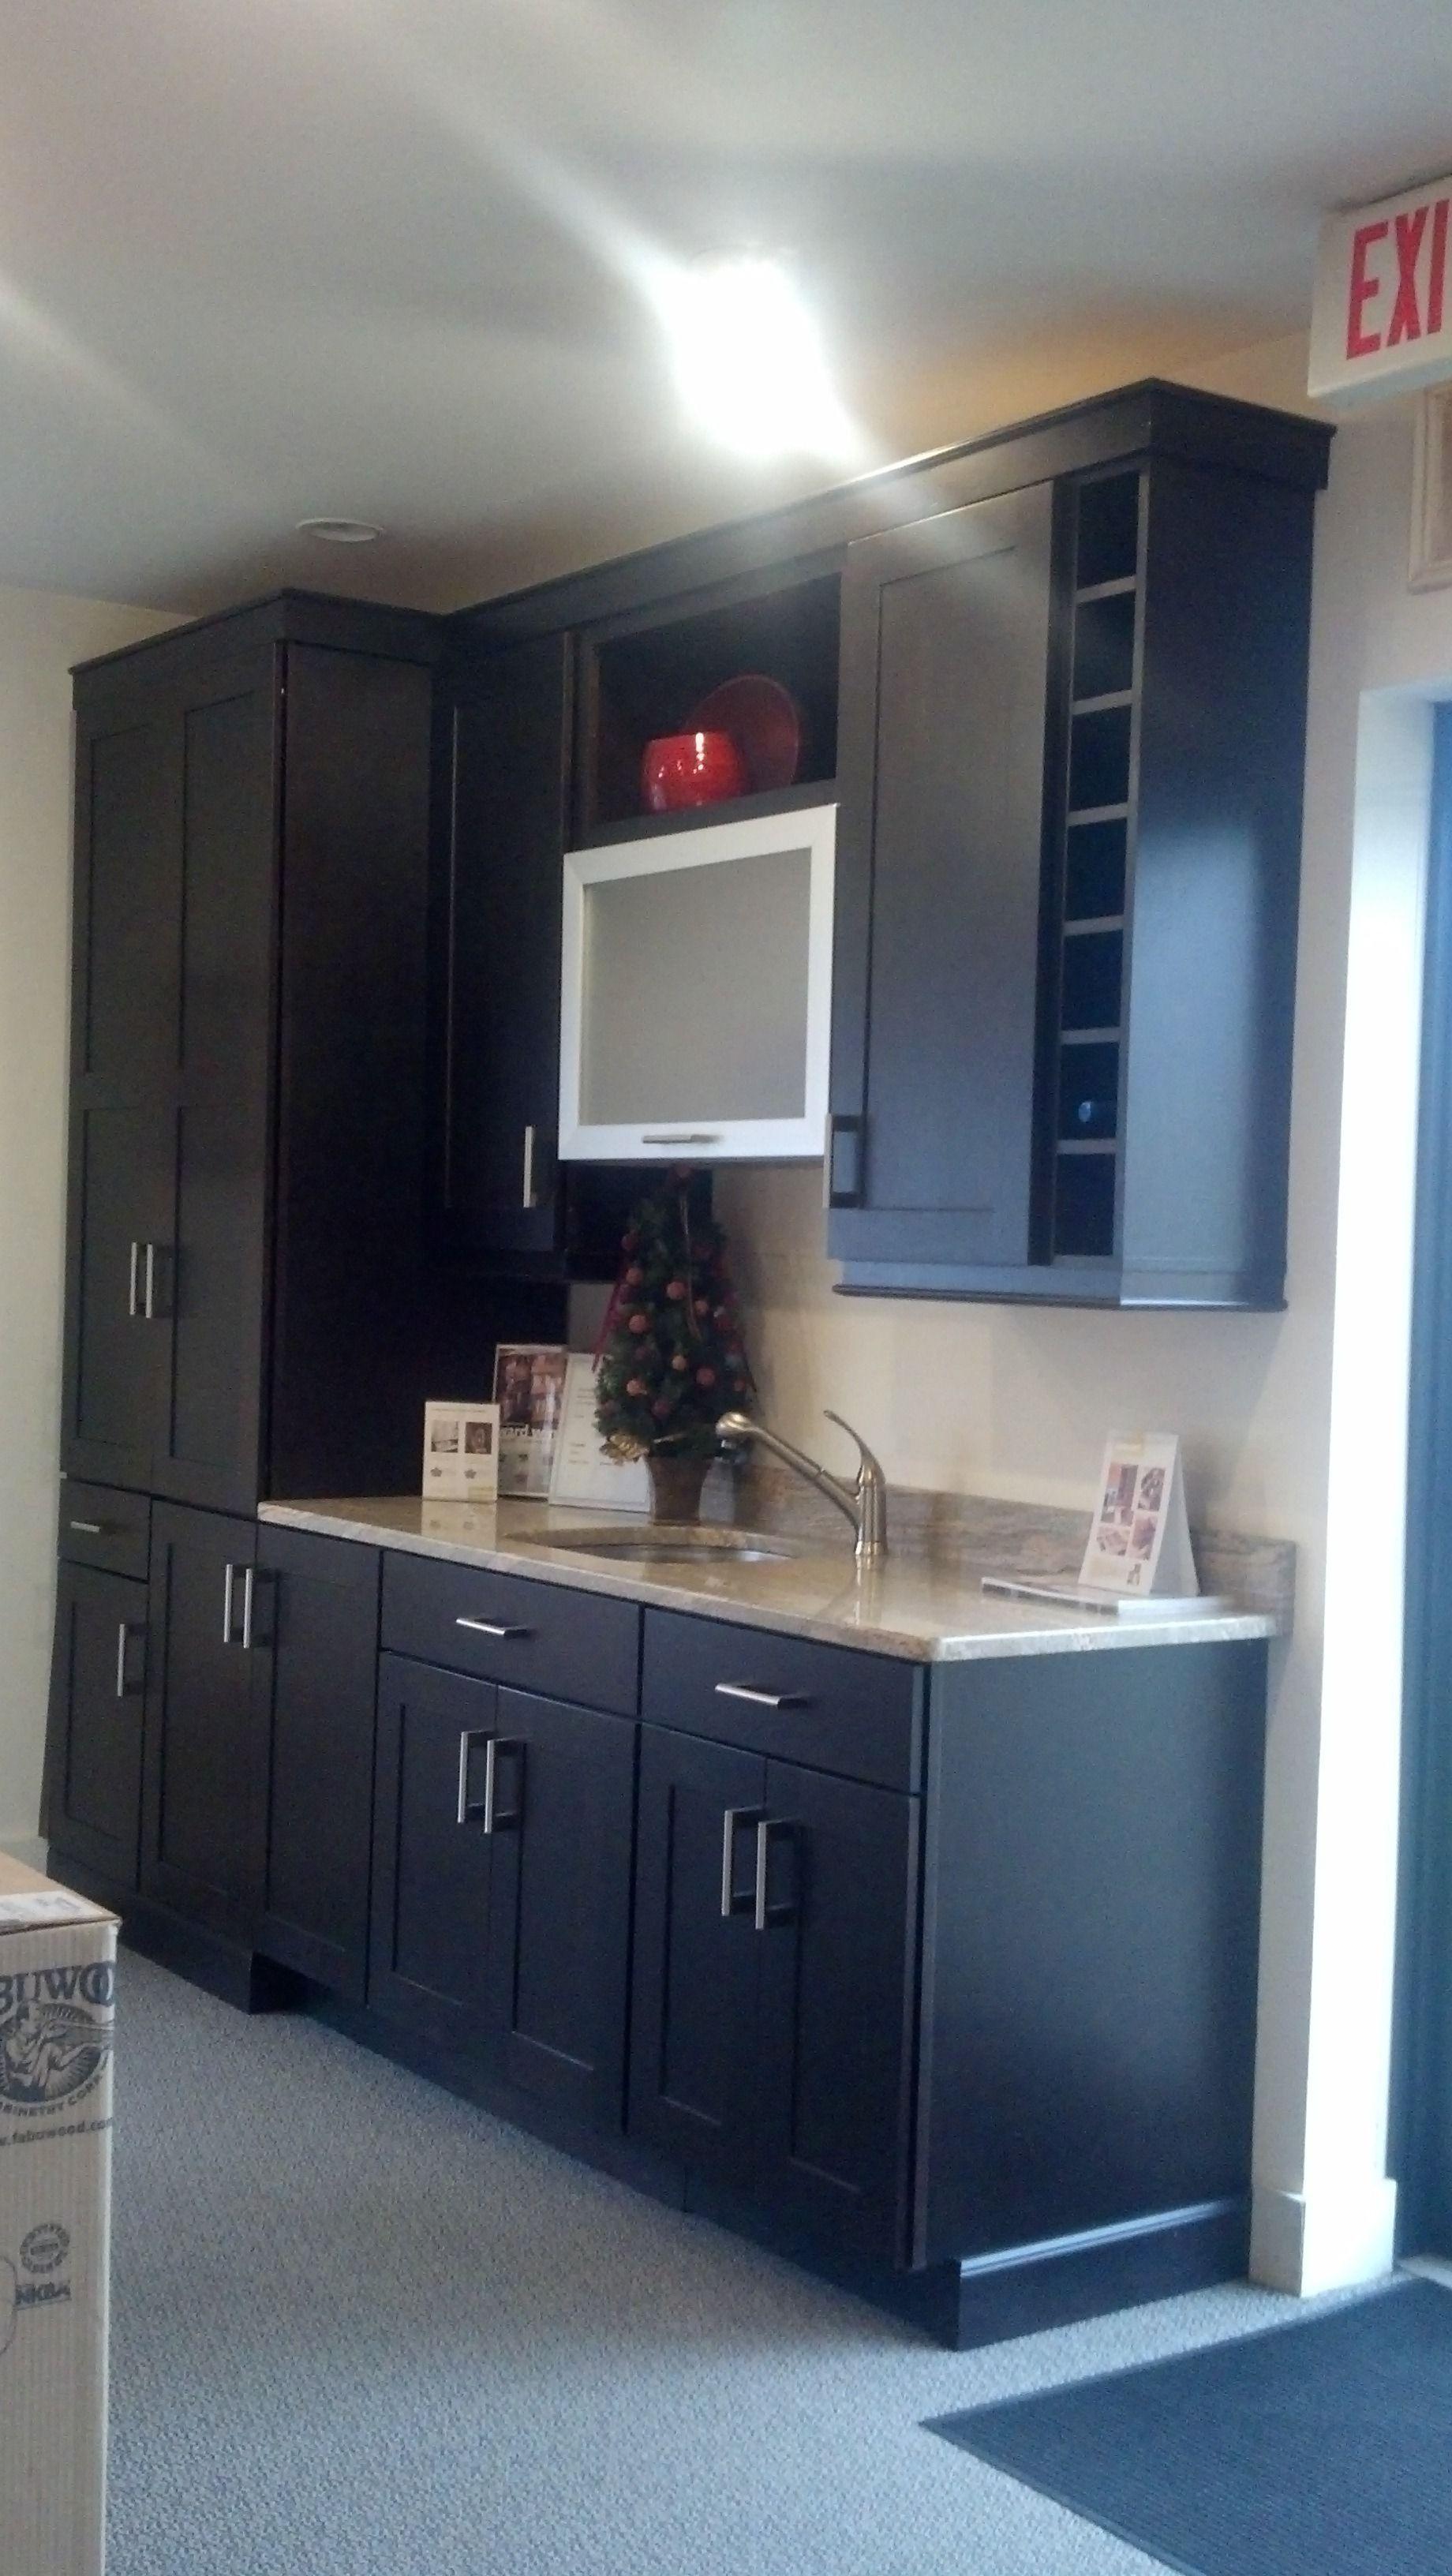 42 Inch Upper Kitchen Cabinets 2021 in 2020 | Upper ...